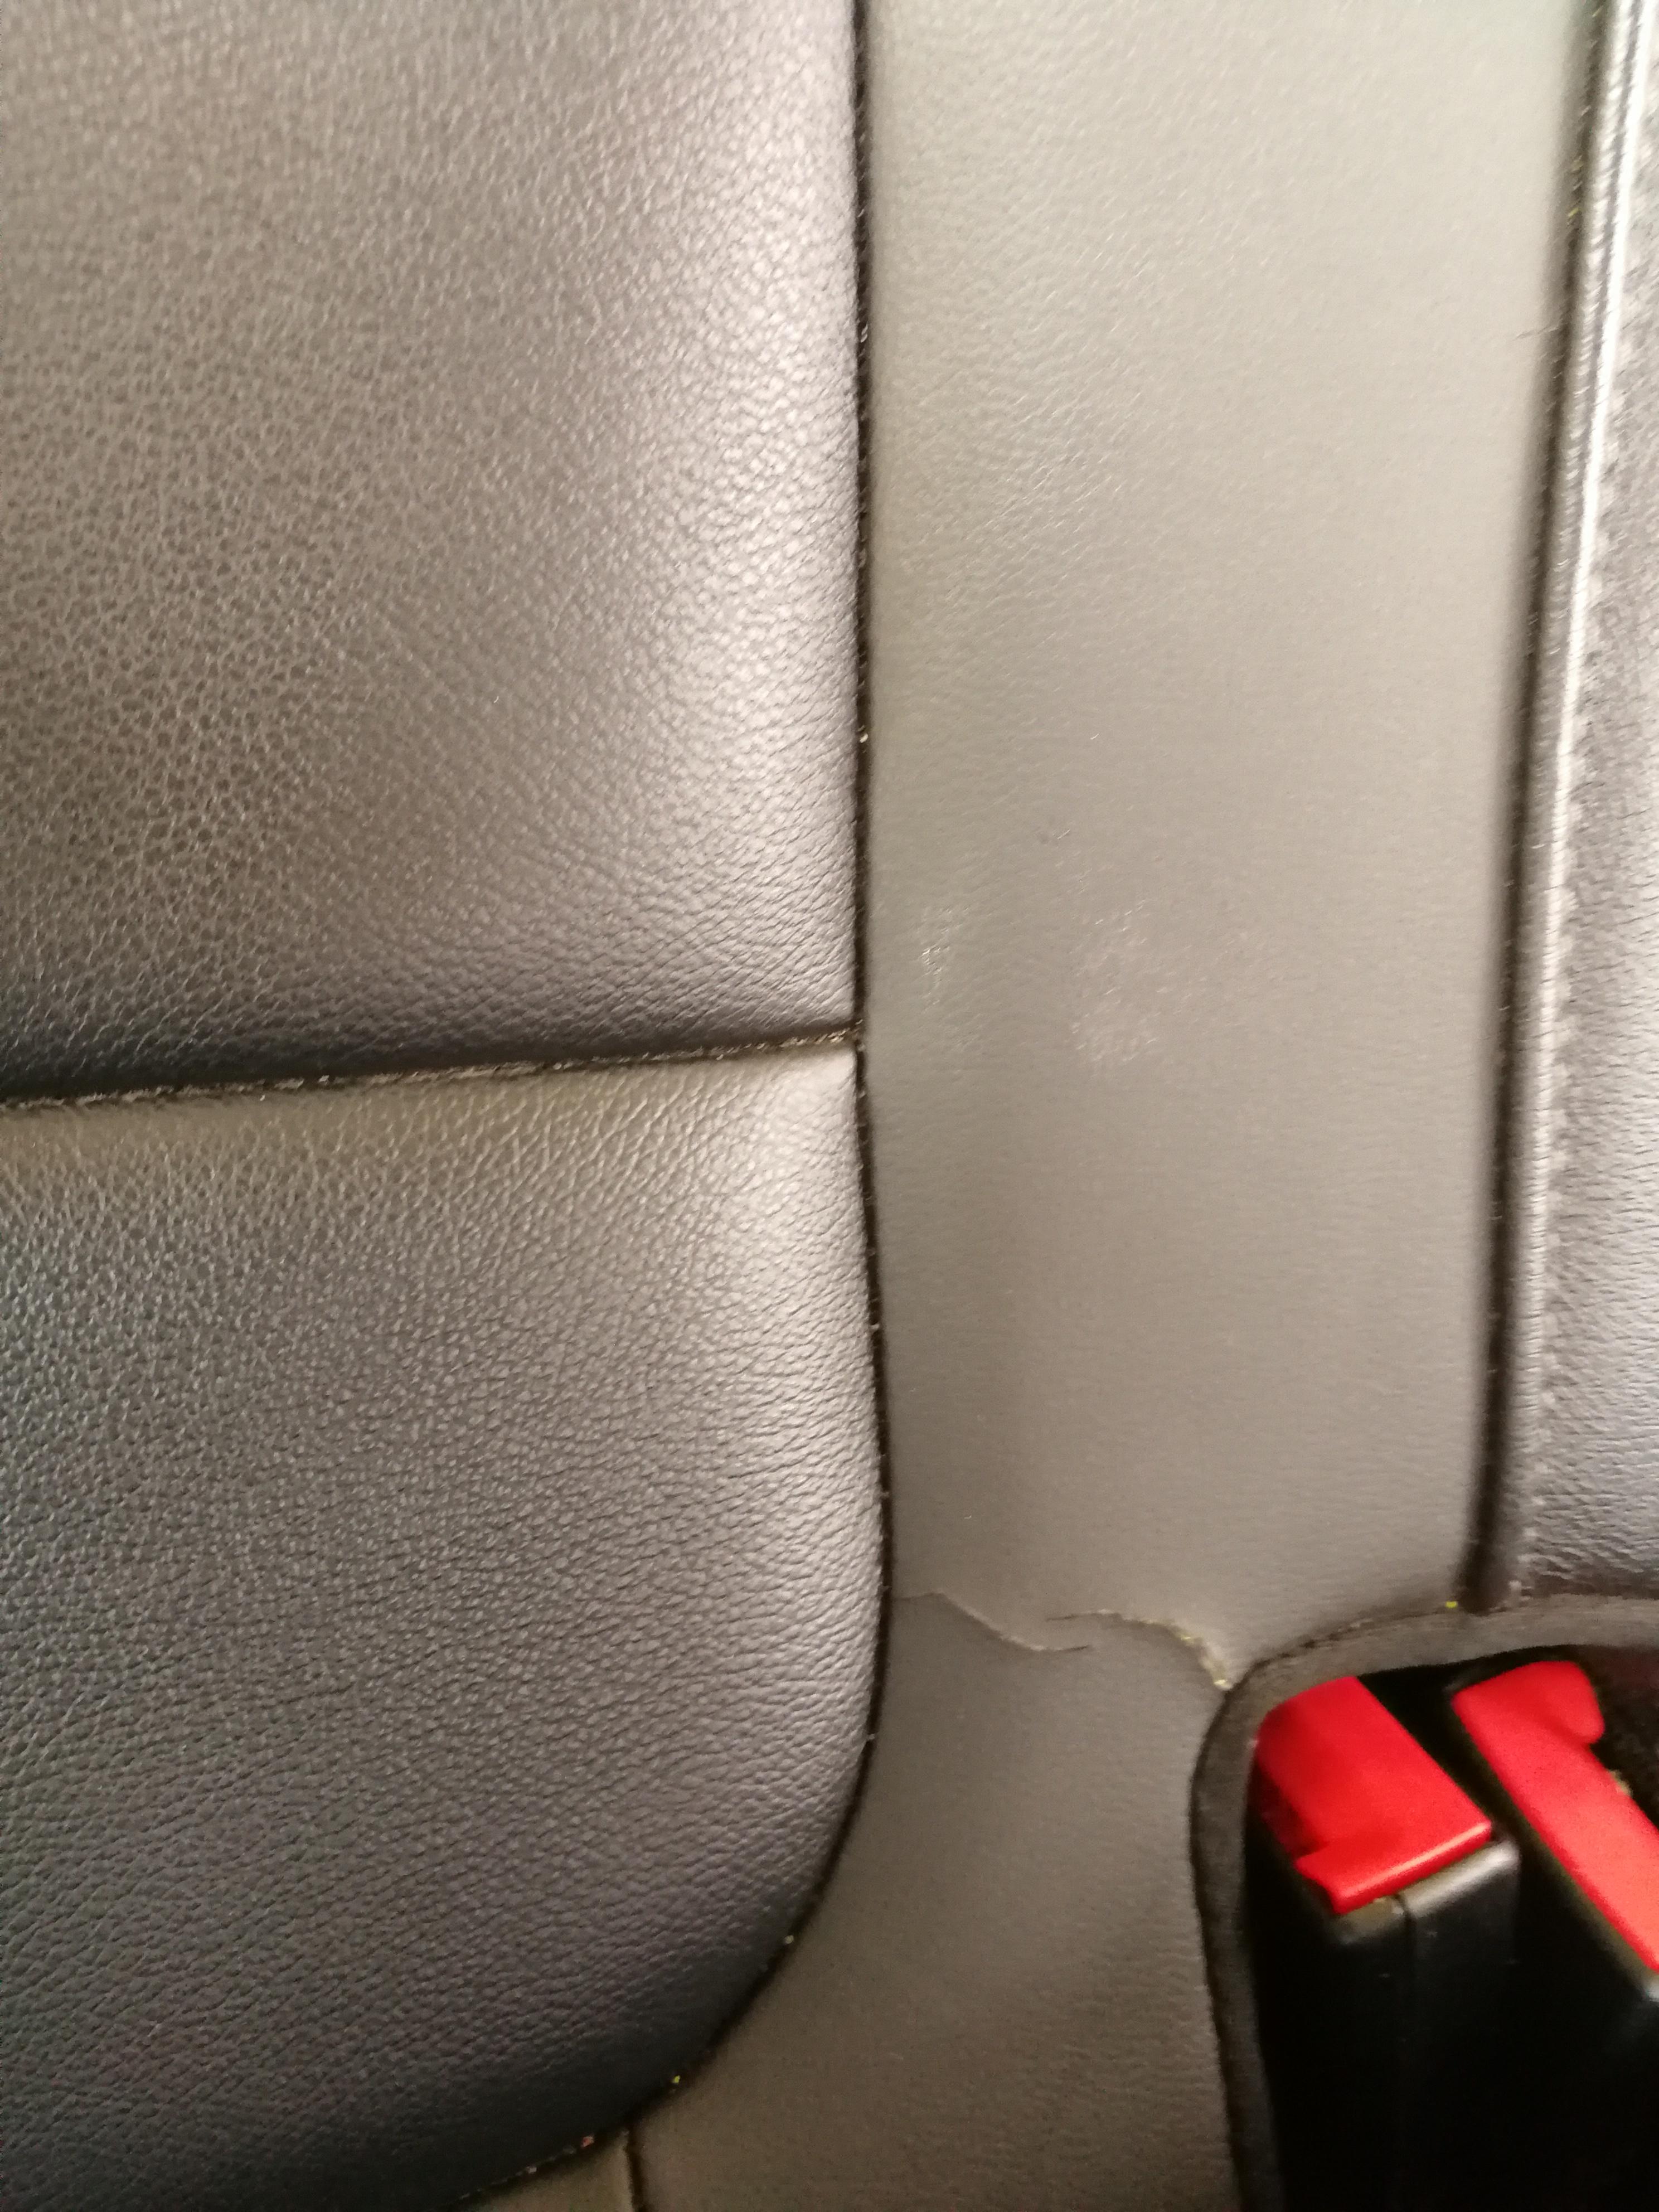 大众-速腾 汽车后座椅皮质无故开裂